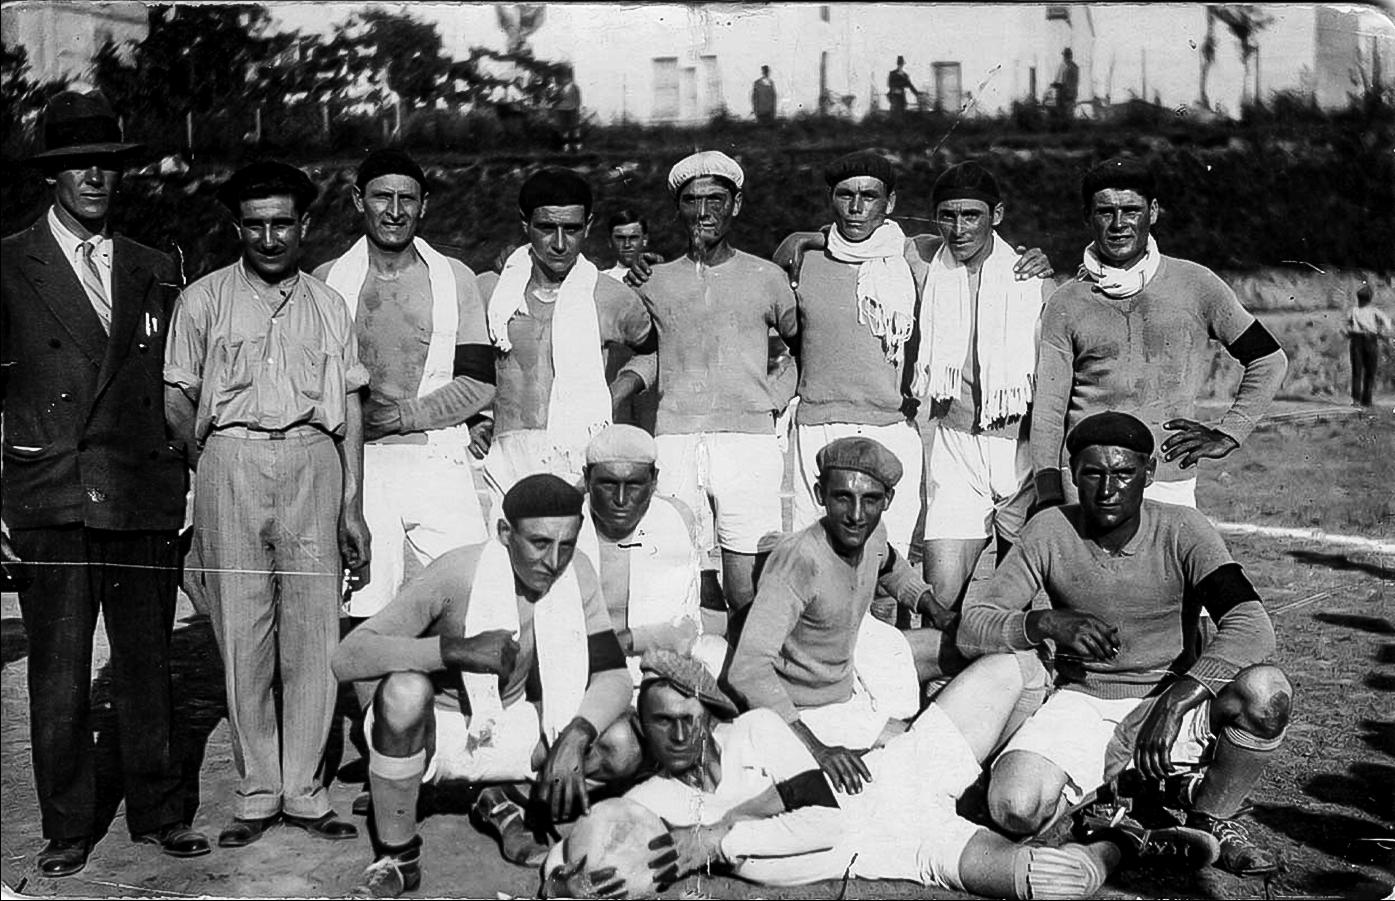 1929 S.S. San Carlo